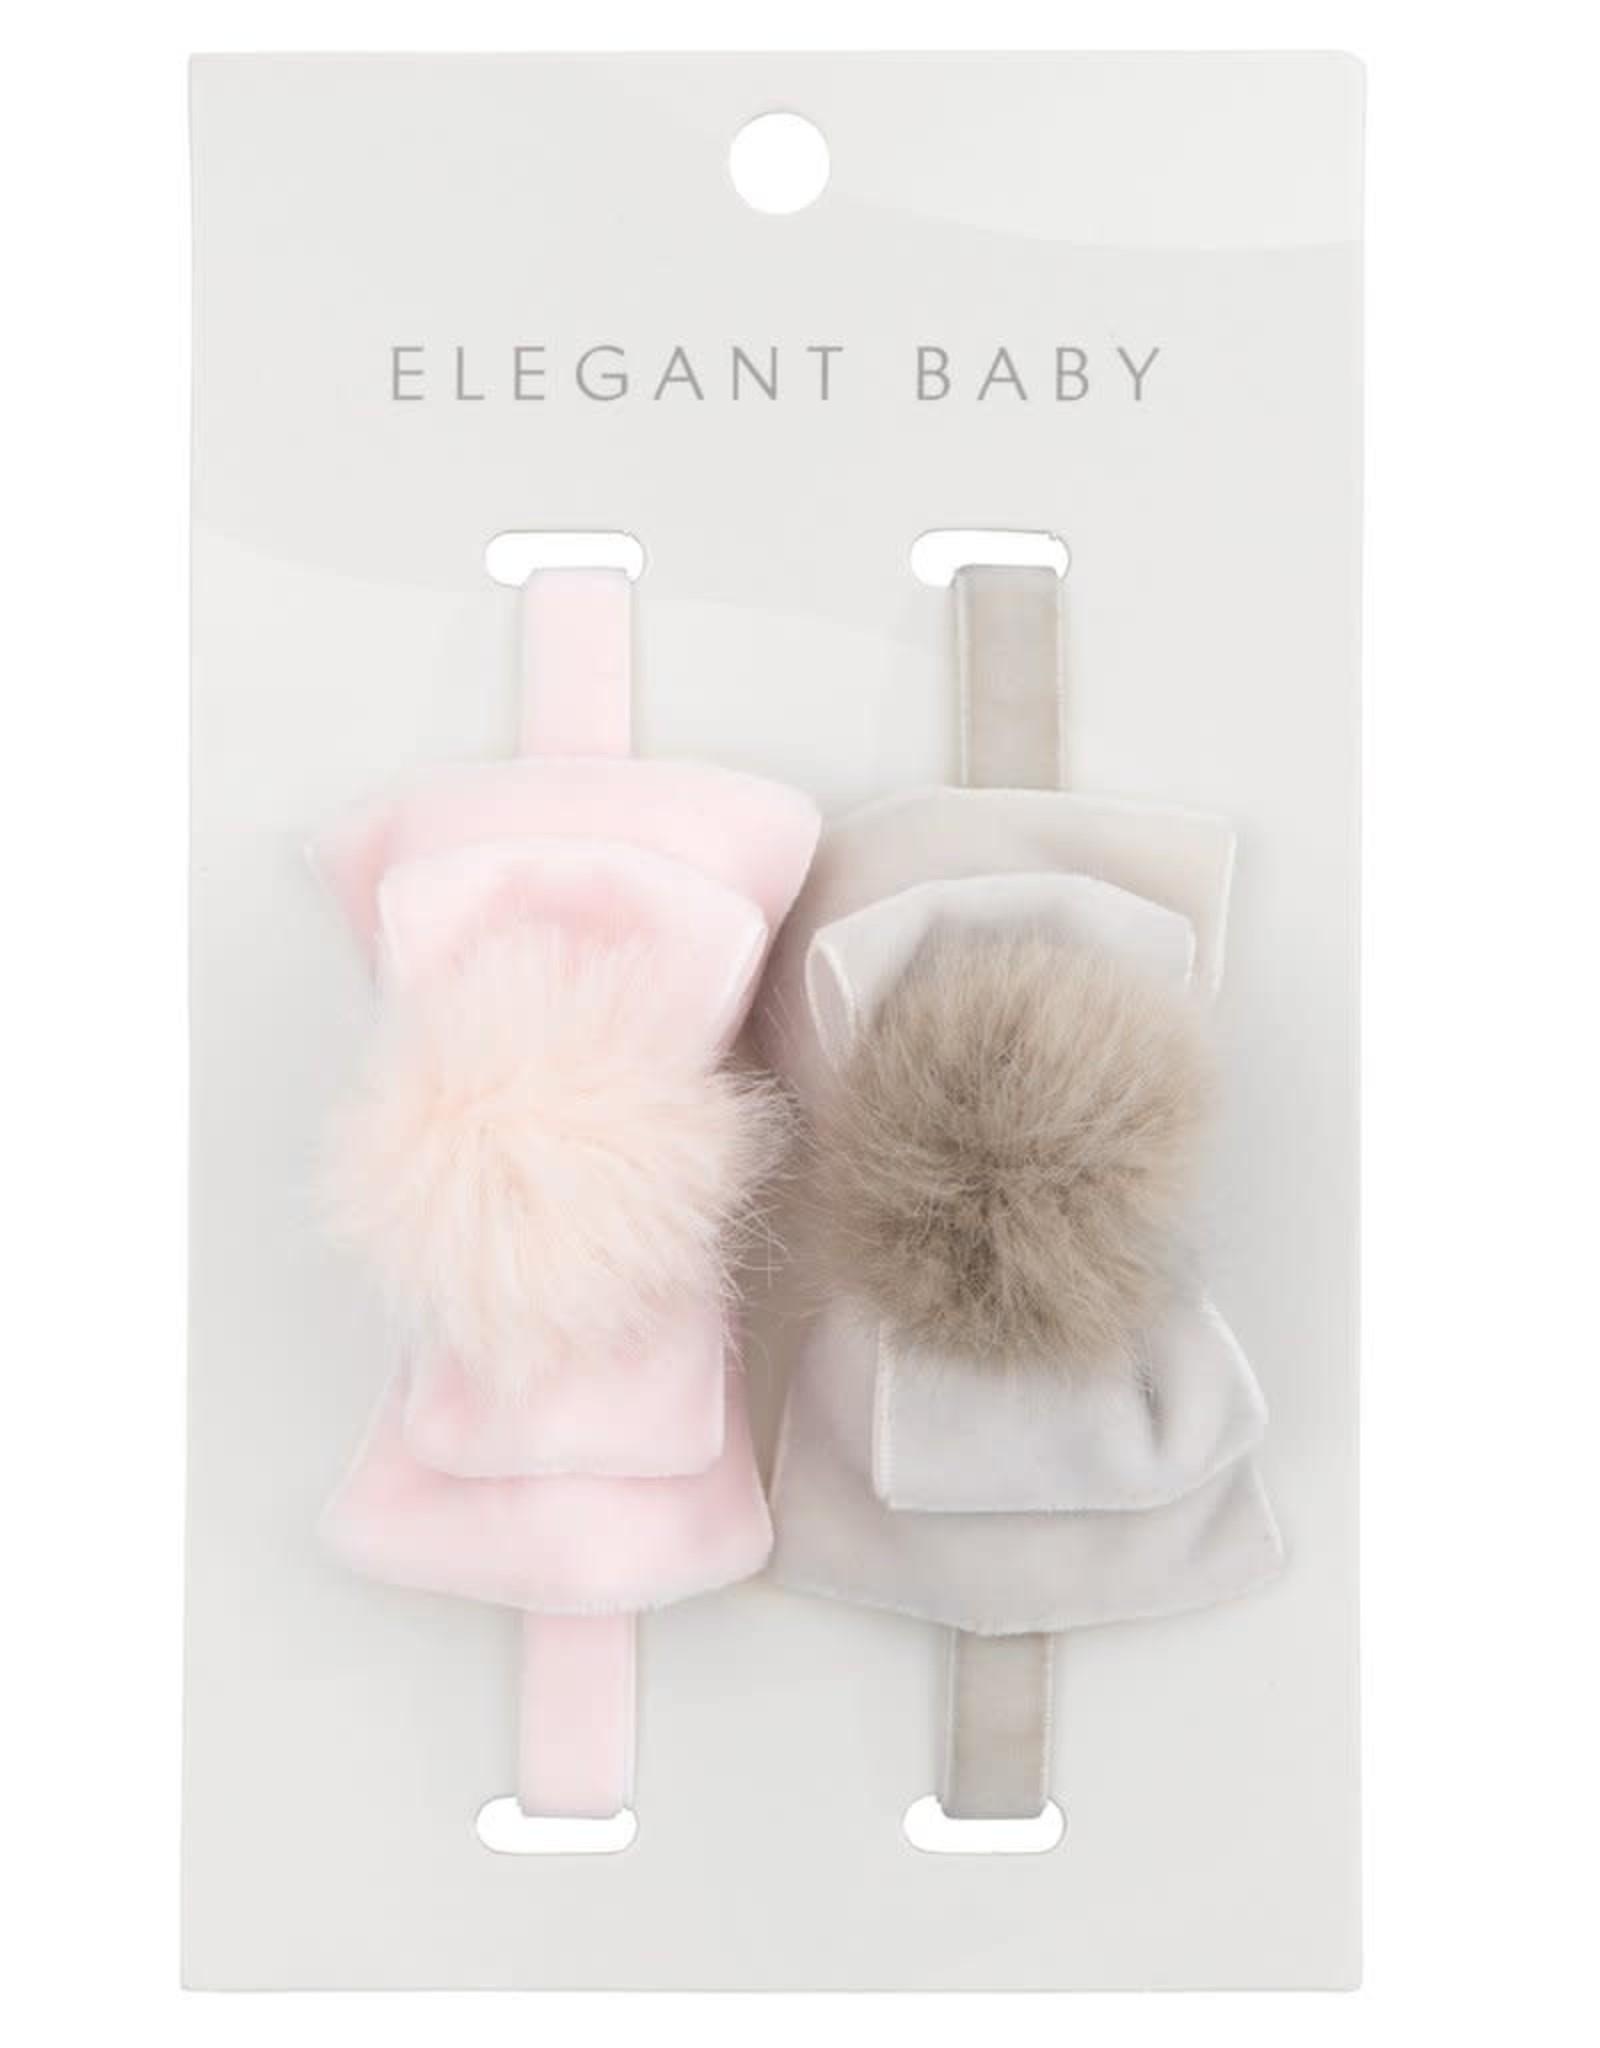 Elegant Baby Velvet Bow Gry Pnk